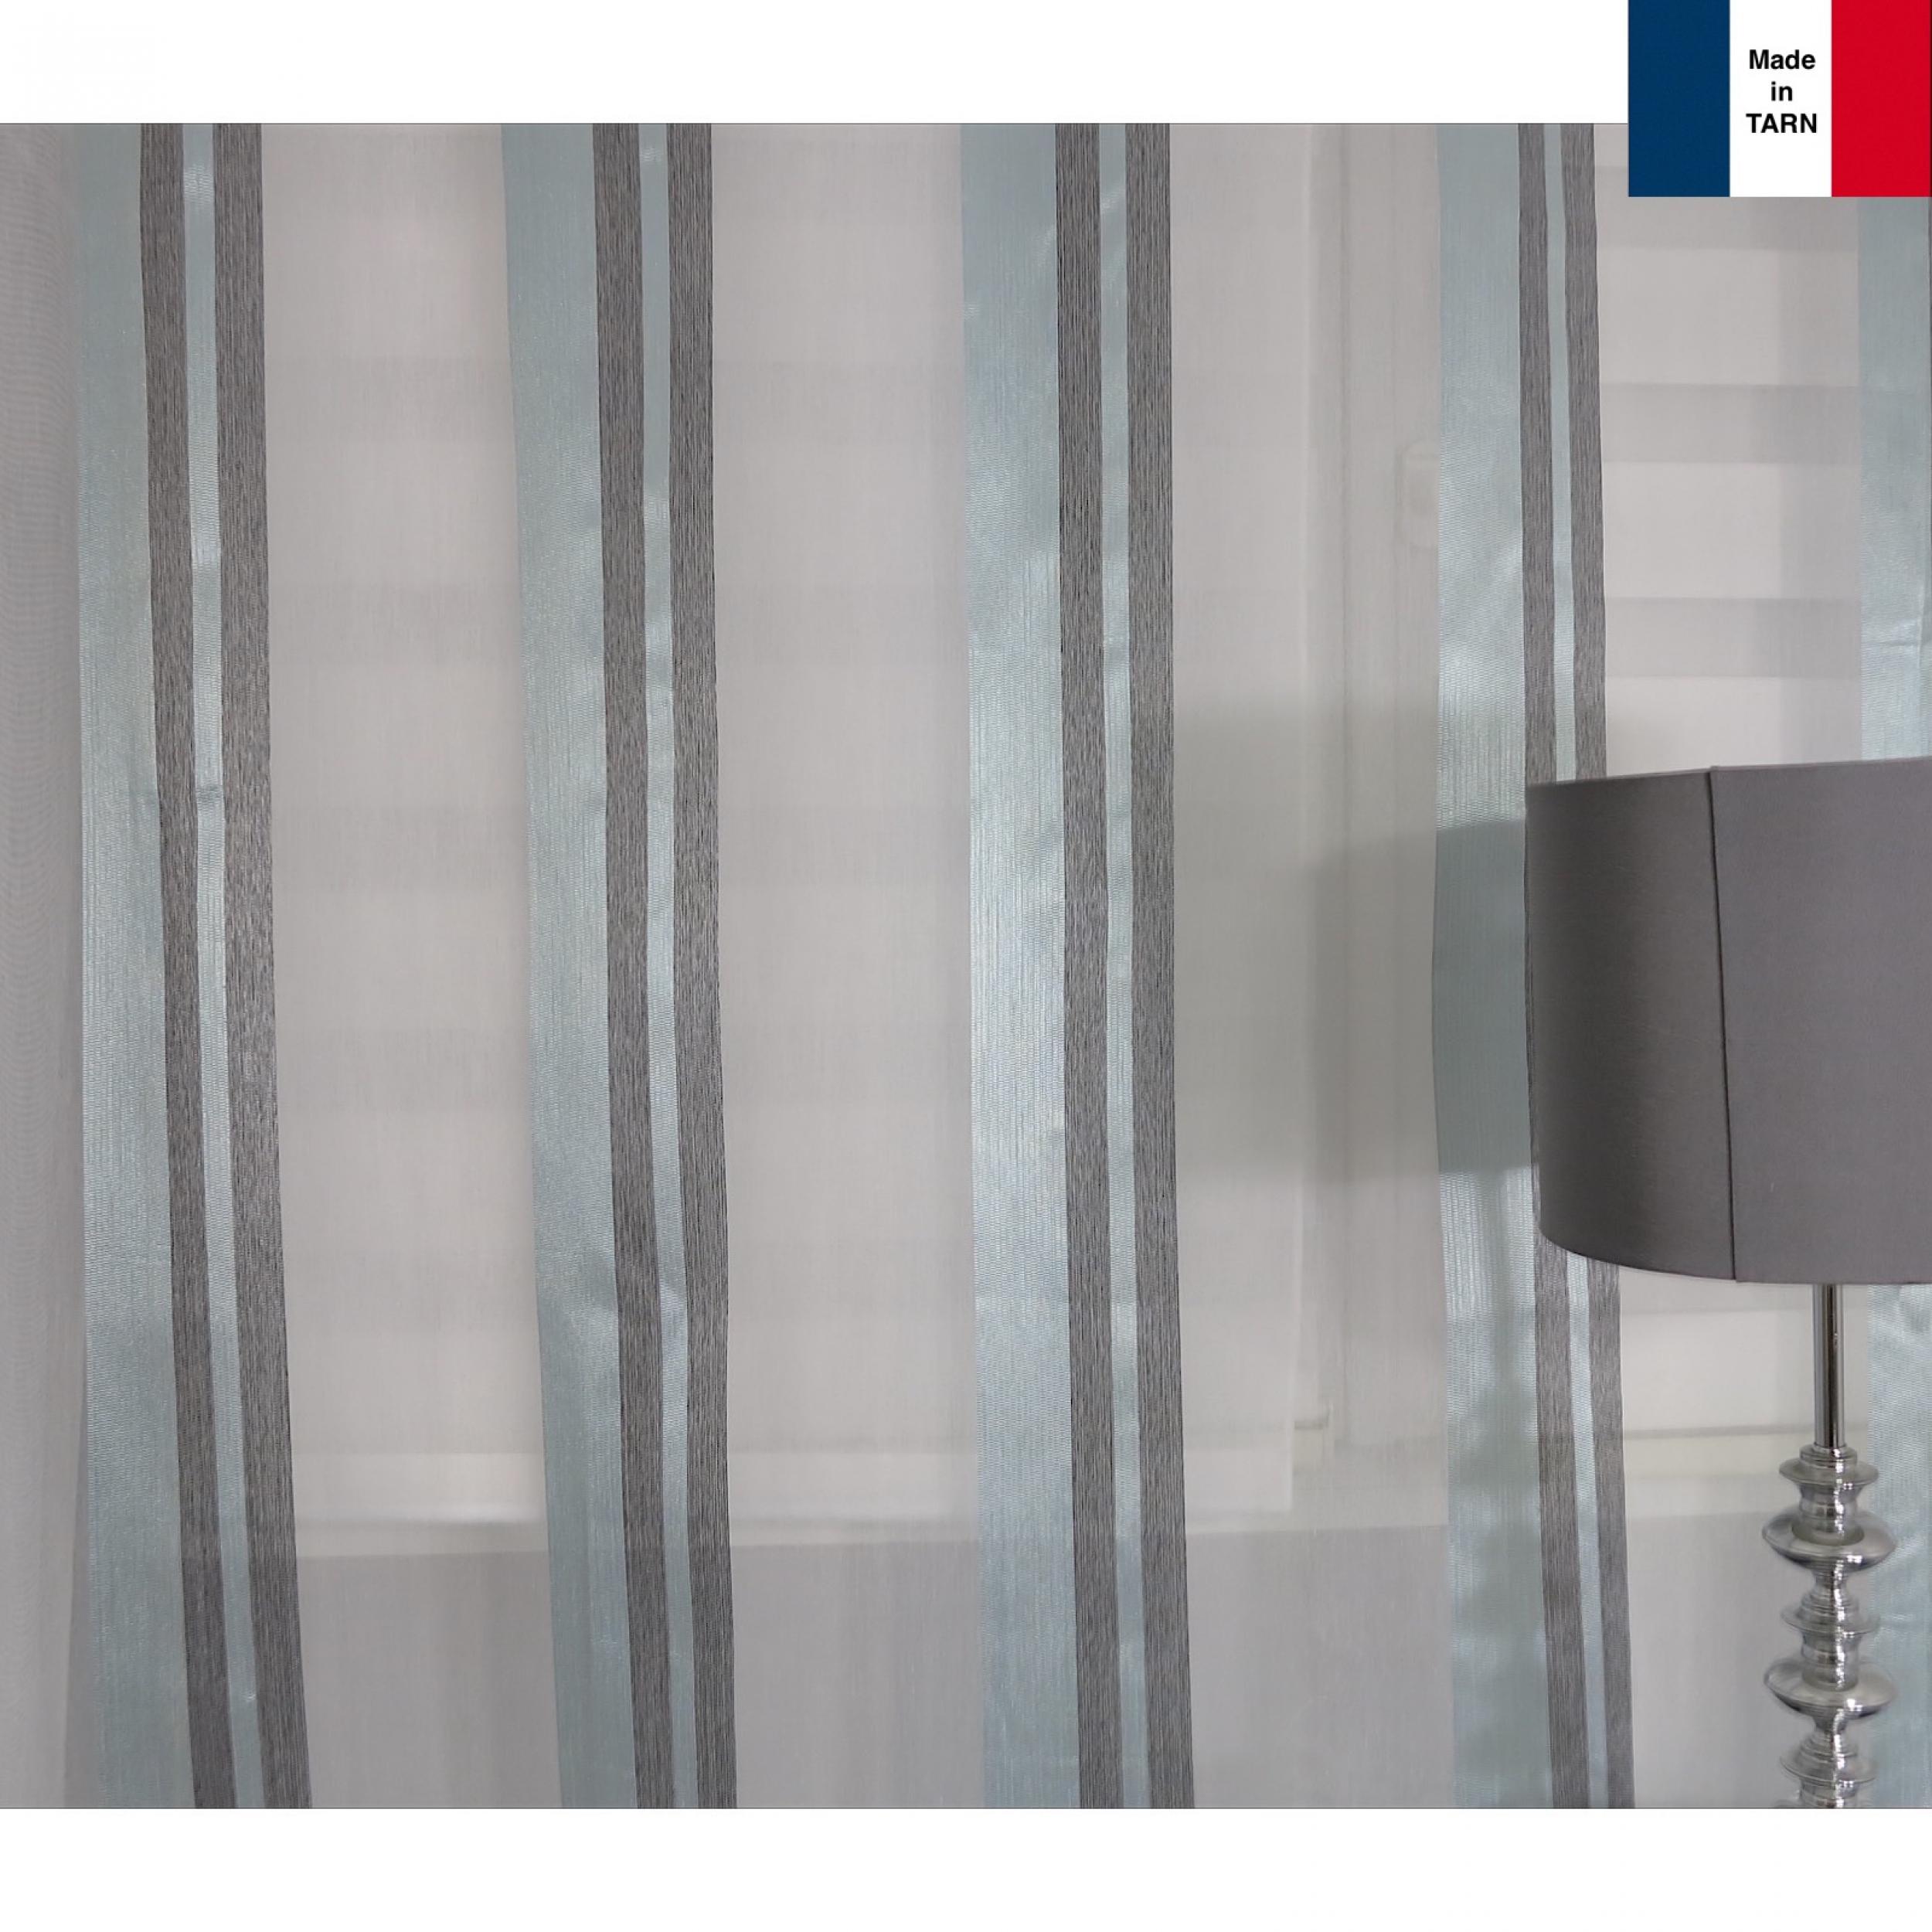 voilage sur mesure turquoise et gris jusqu 39 290 cm de haut l 39 atelier de la toile. Black Bedroom Furniture Sets. Home Design Ideas